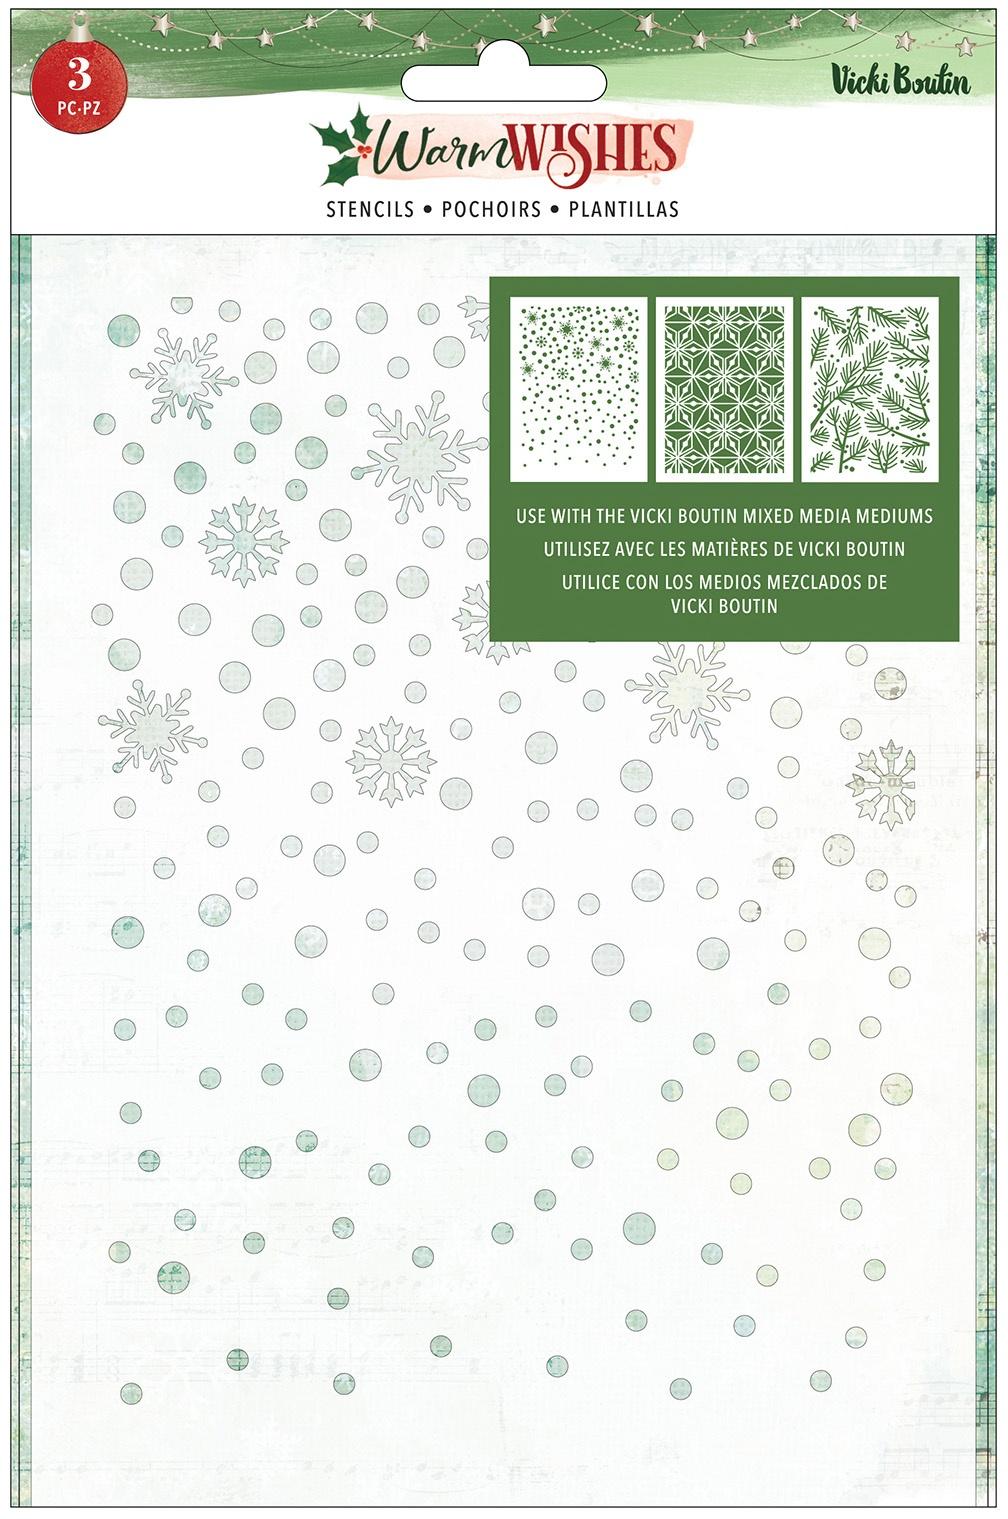 PRESALE - Vicki Boutin - Warm Wishes - Stencil Set, 3pc